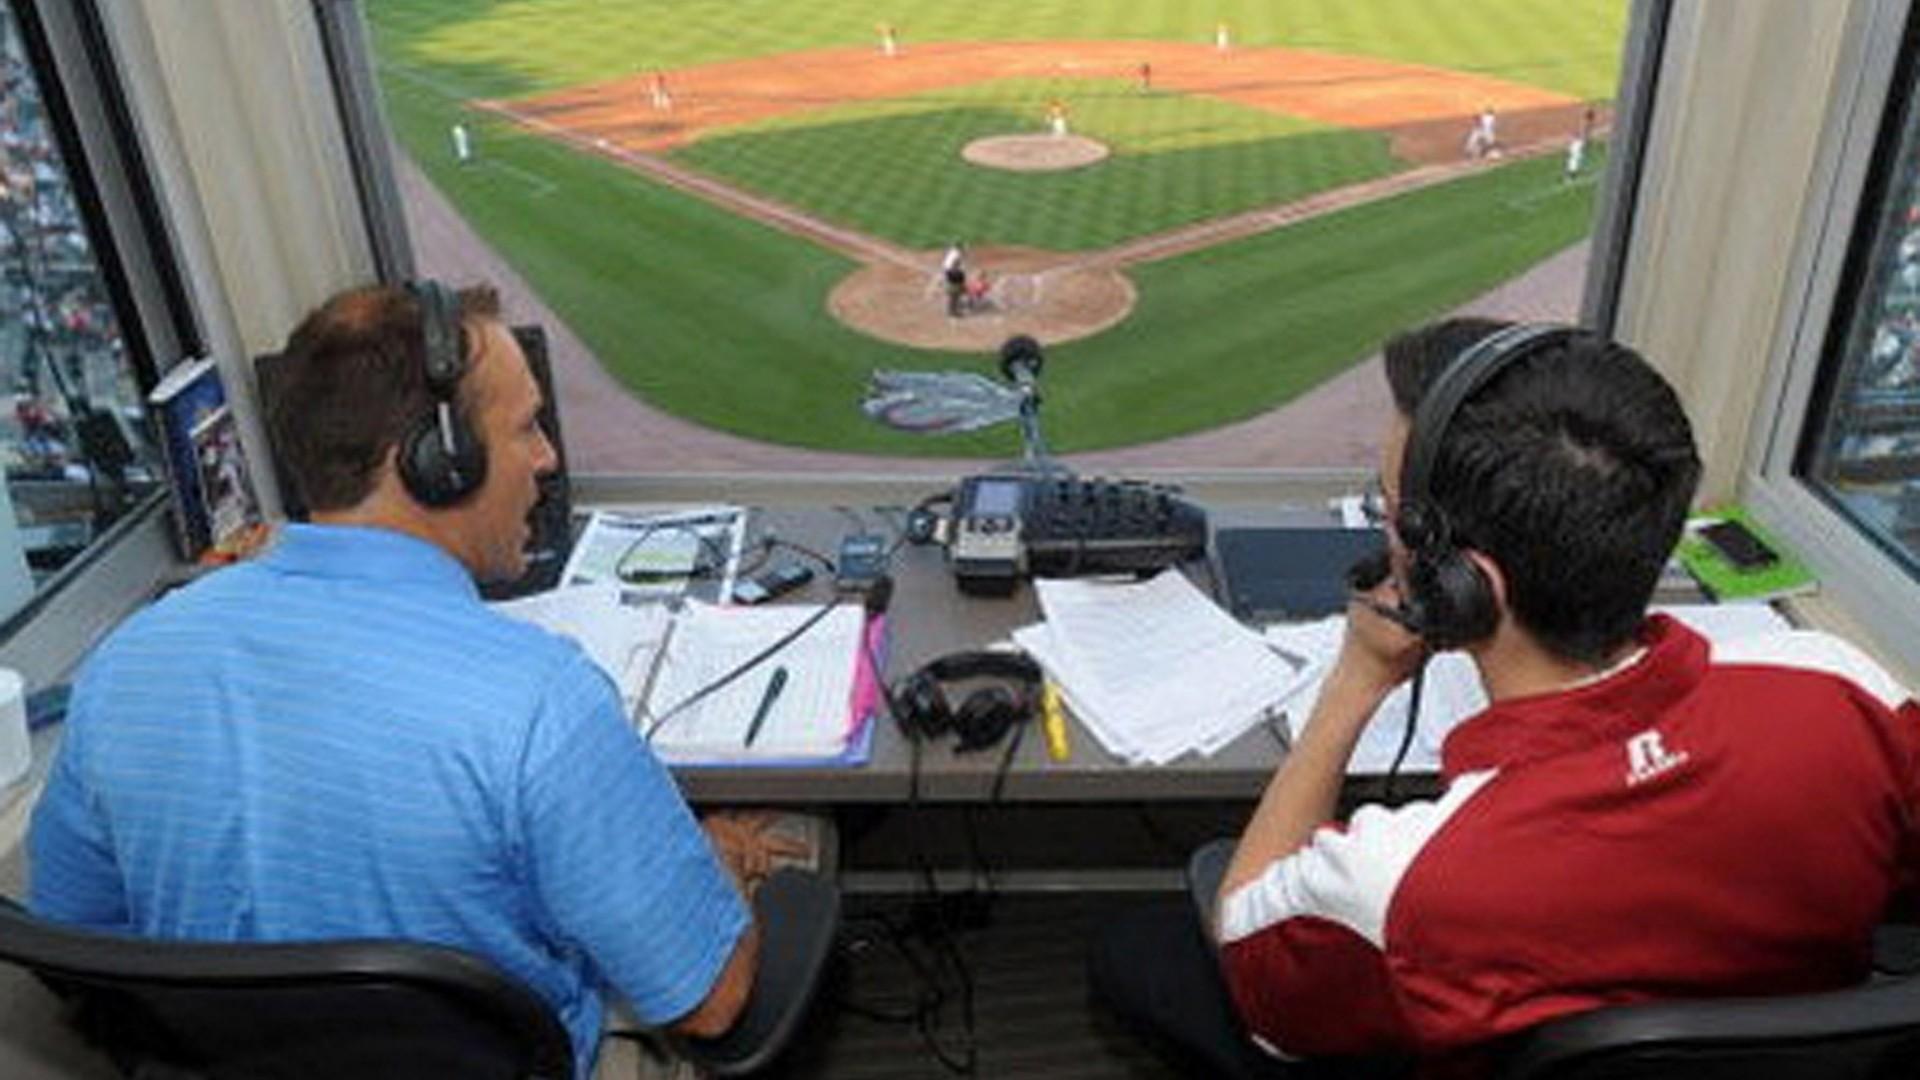 IronPigs' announcer Jon Schaeffer's last game - The Morning Call